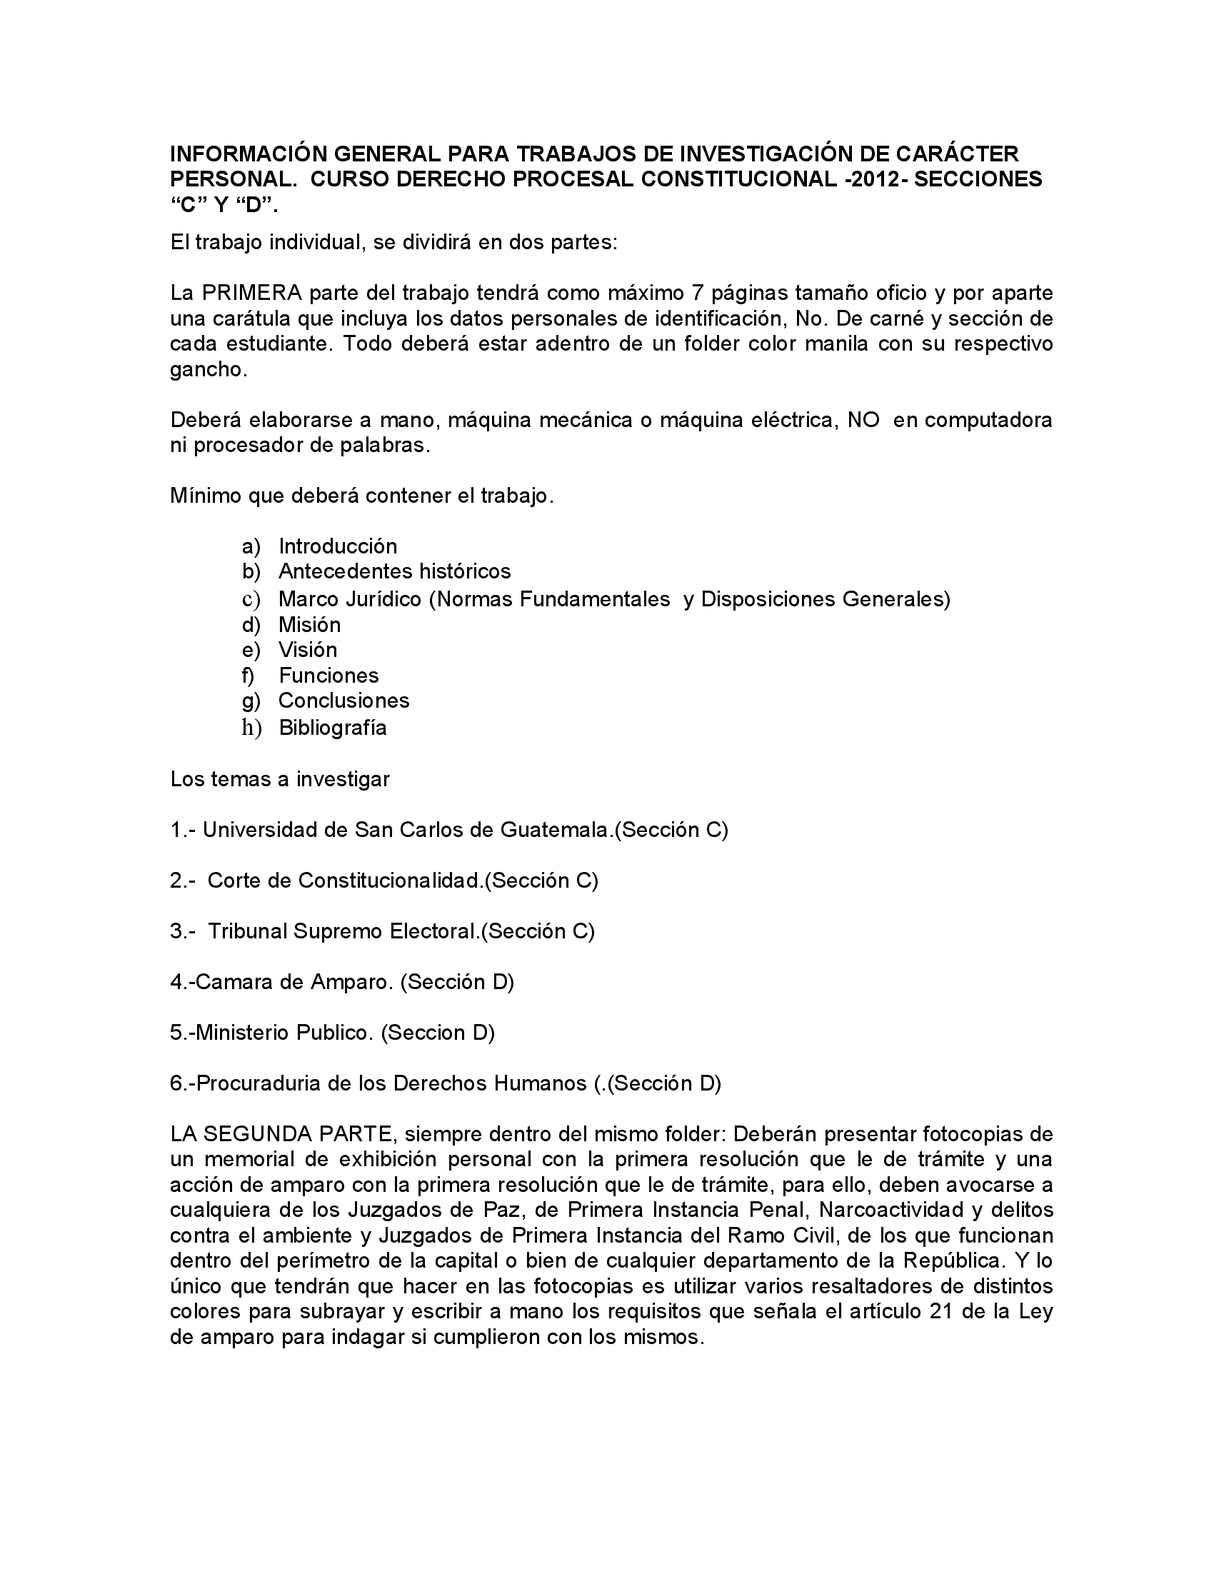 Calaméo - TRABAJO INDIVIDUAL DERECHO PROCESAL CONSTITUCIONAL- LIC ...